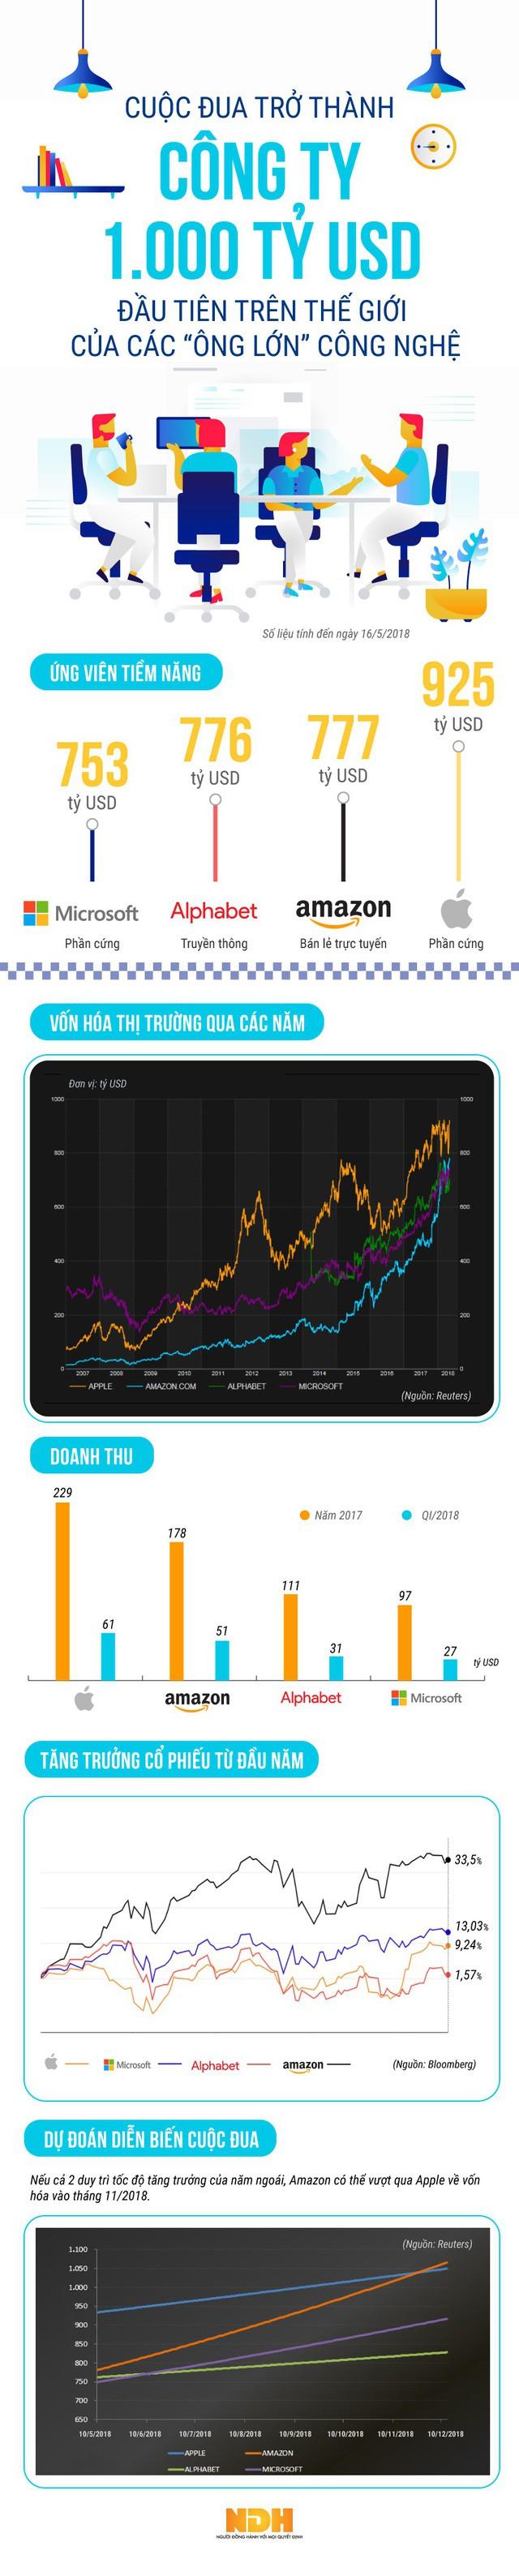 [Infographic] Cuộc đua trở thành công ty 1.000 tỷ USD đầu tiên của các ông lớn công nghệ  - Ảnh 1.